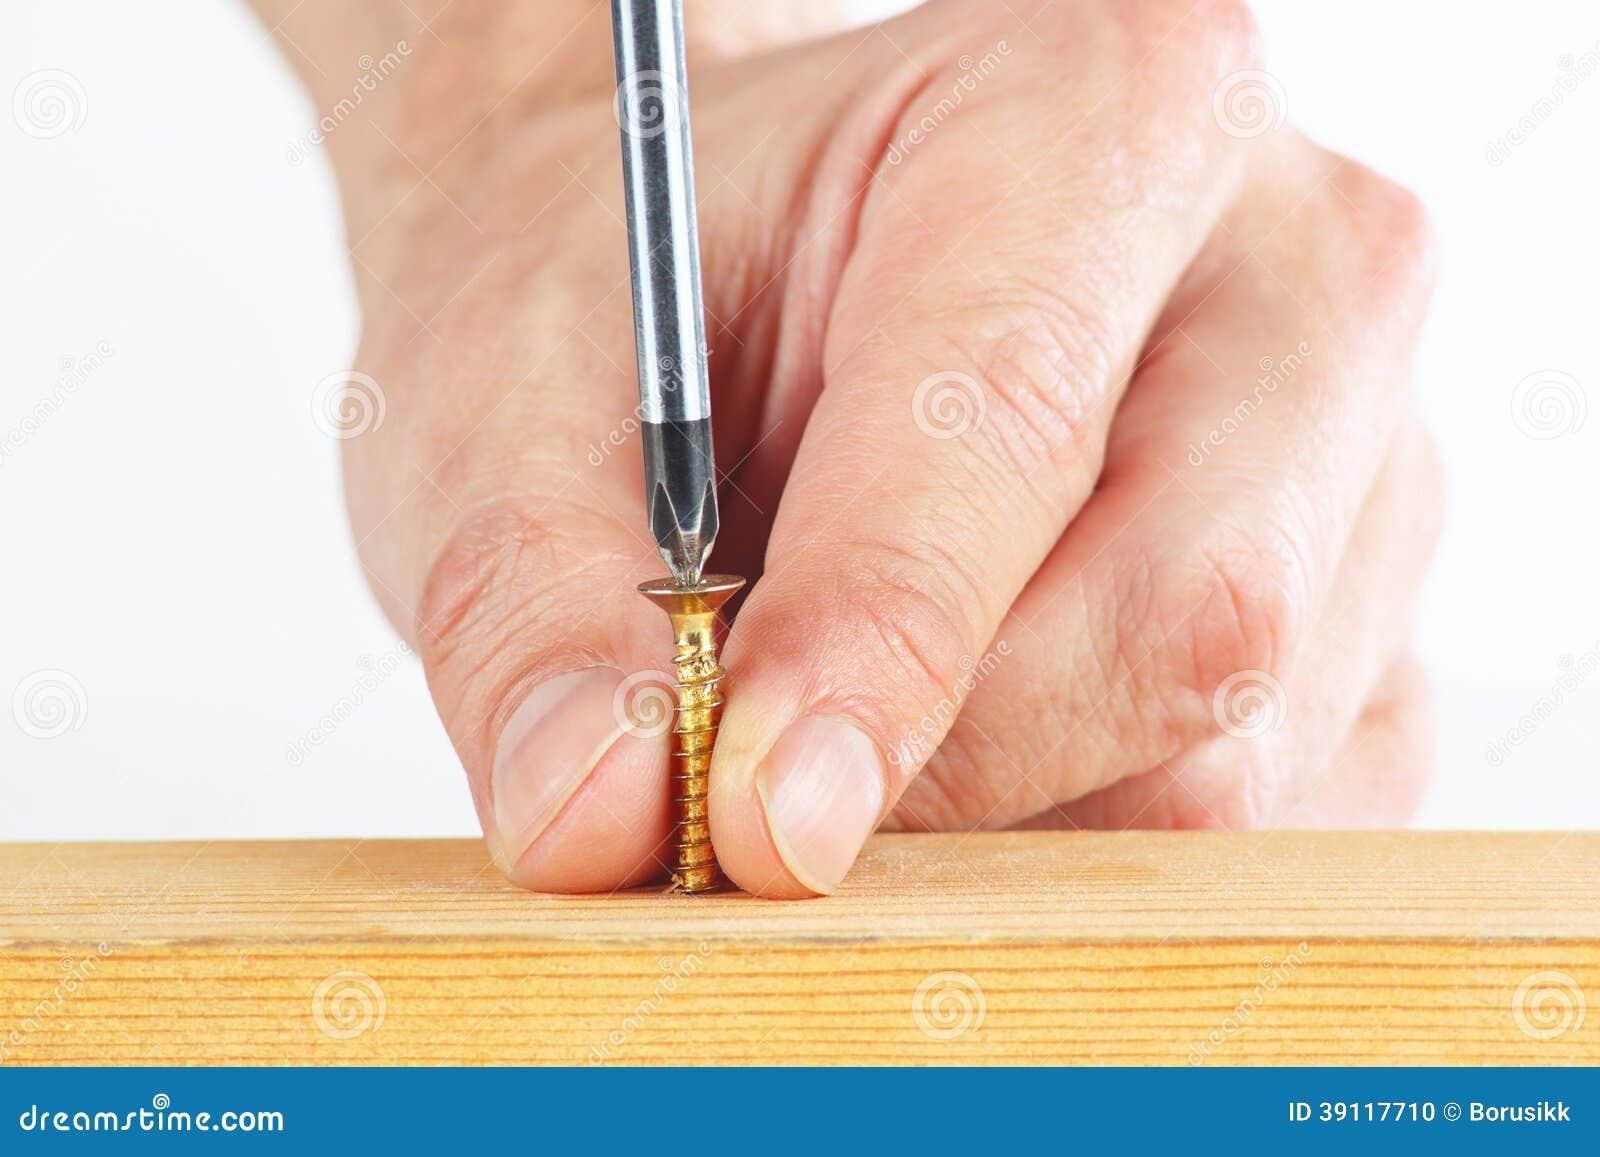 Het aanhalen van schroeven in een houten blok